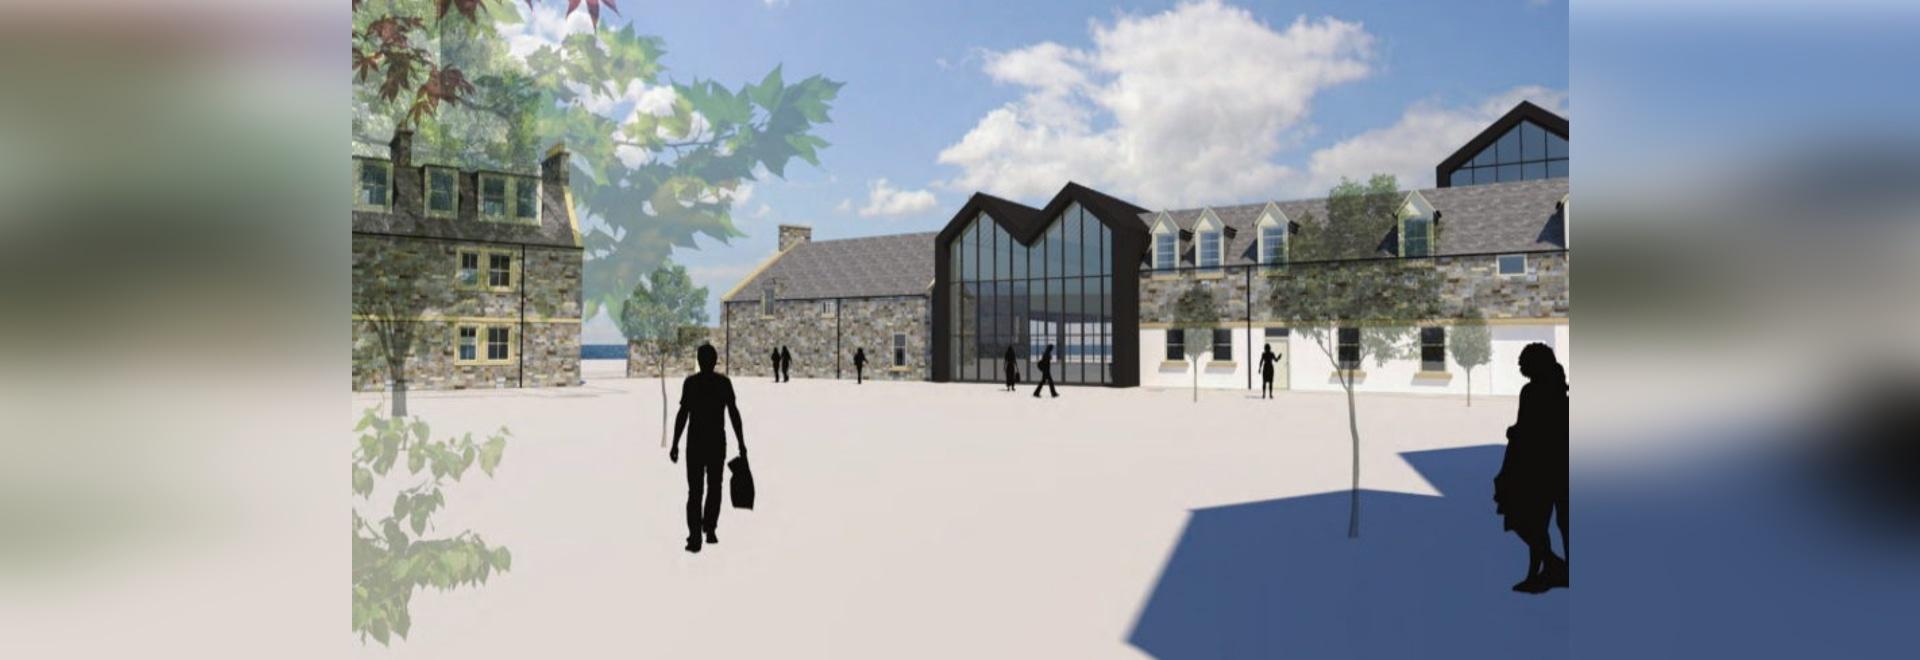 St Andrews propose un nouveau plan pour les fouilles d'étudiants